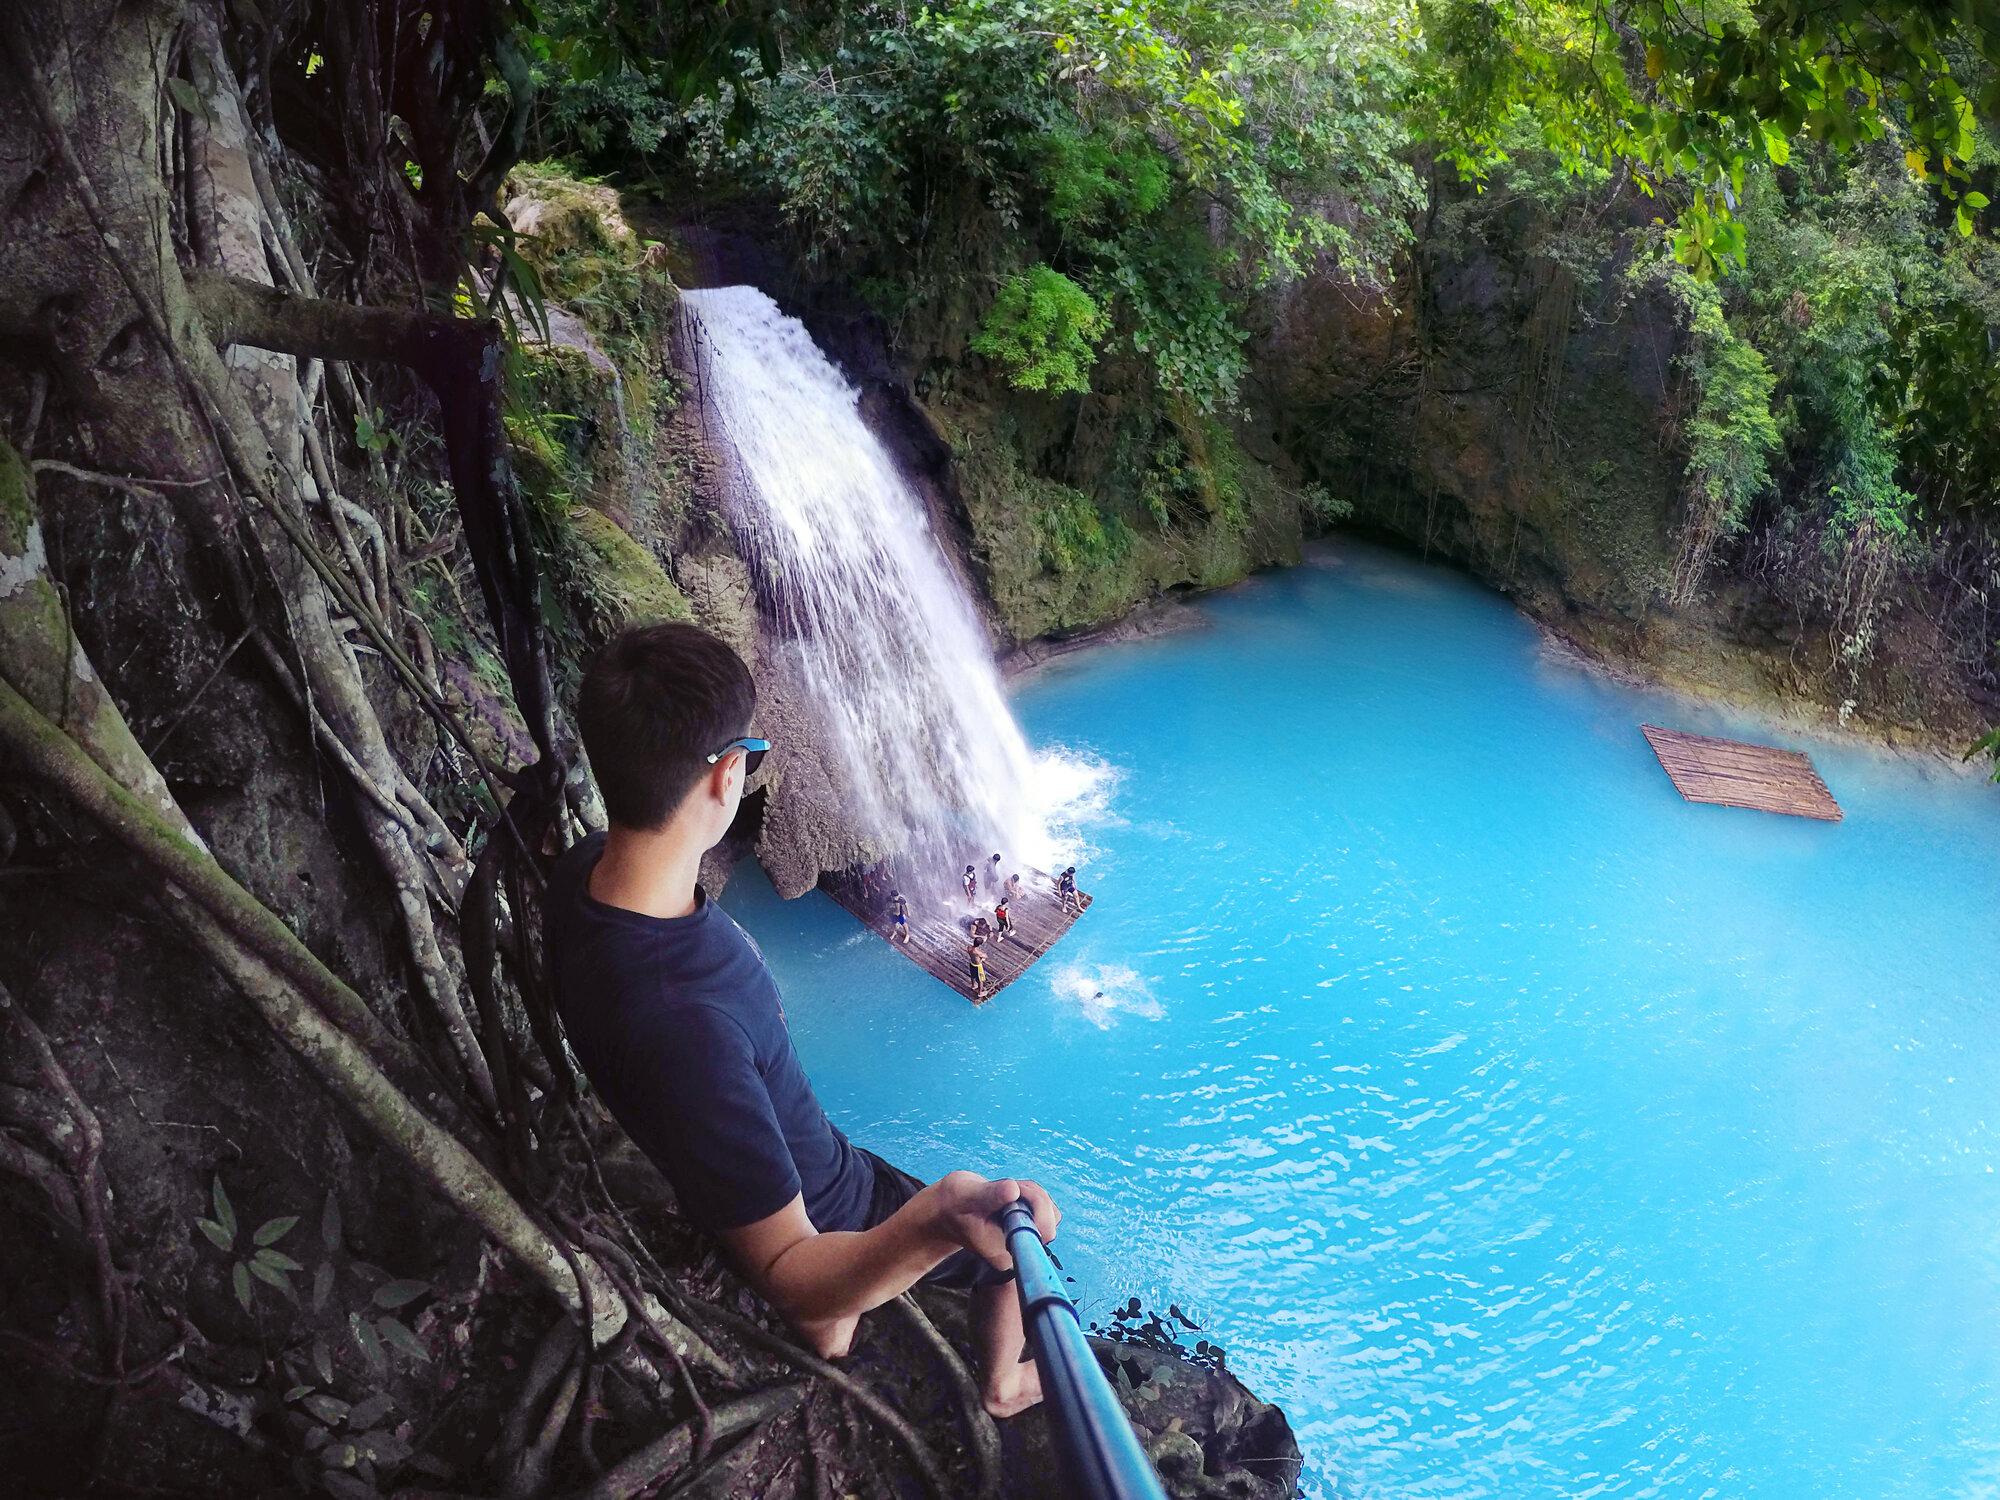 Badian Canyoneering and Kawasan Falls, Badian, Cebu